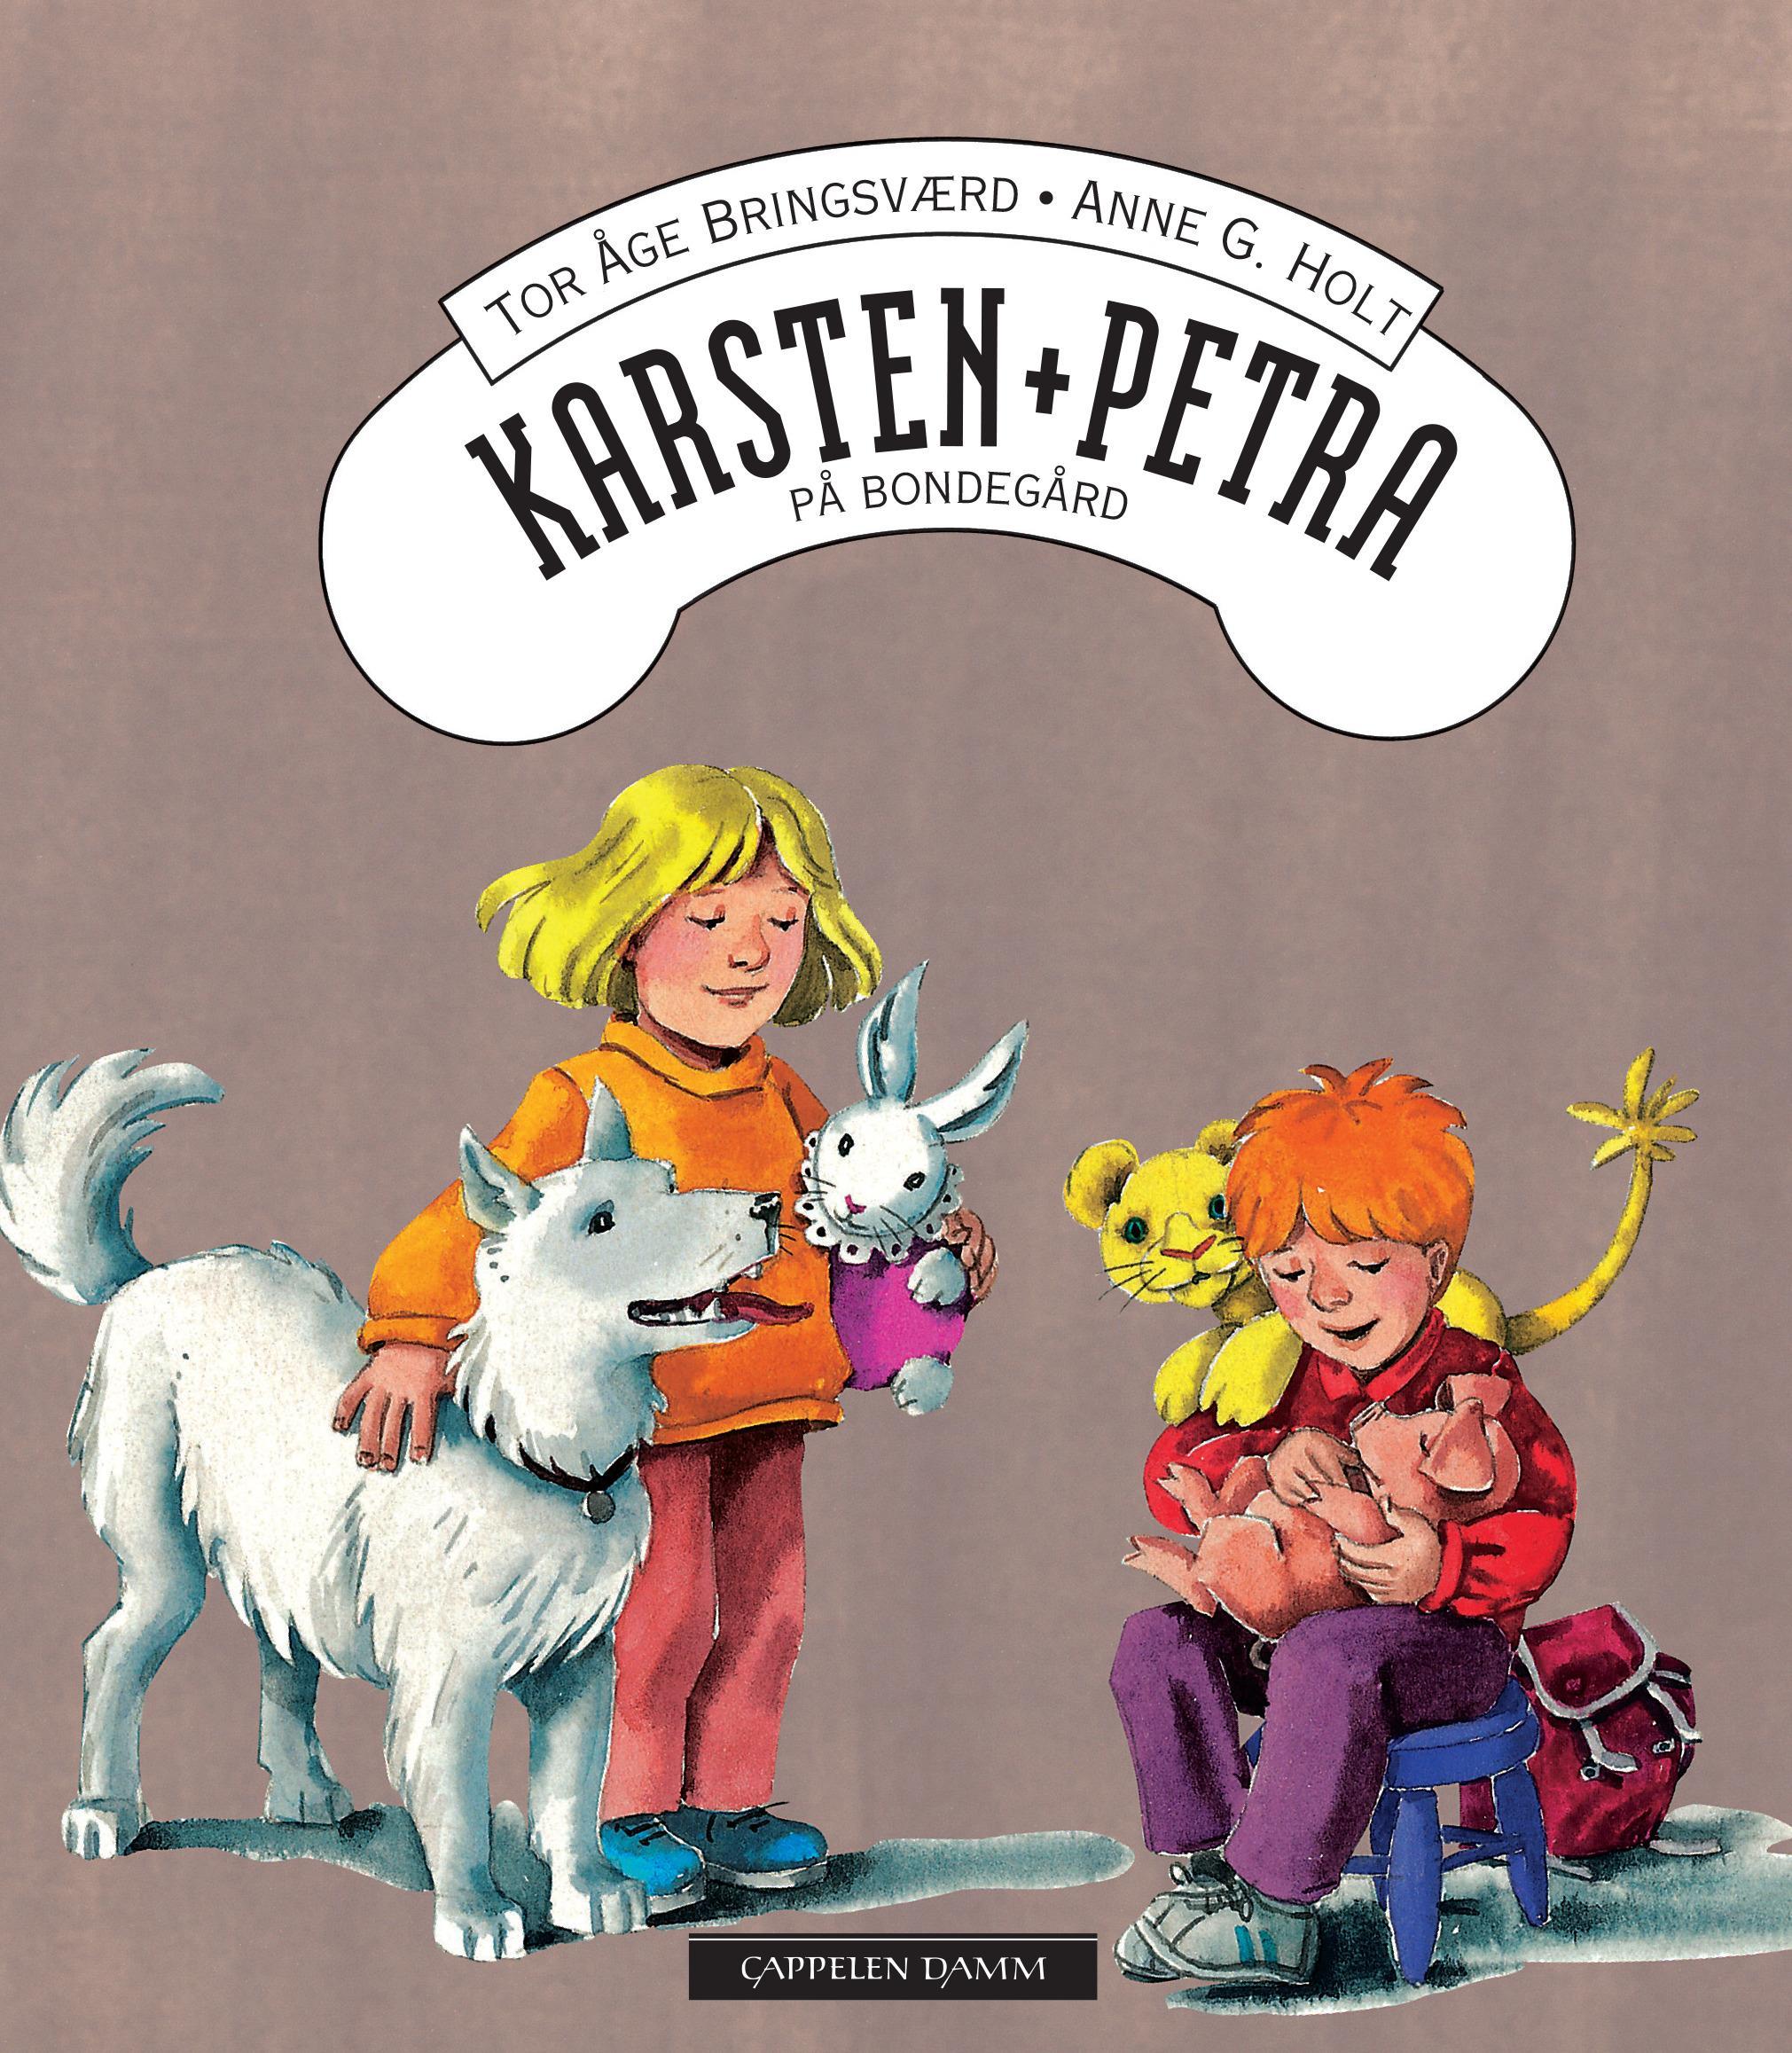 """""""Karsten og Petra på bondegård"""" av Tor Åge Bringsværd"""